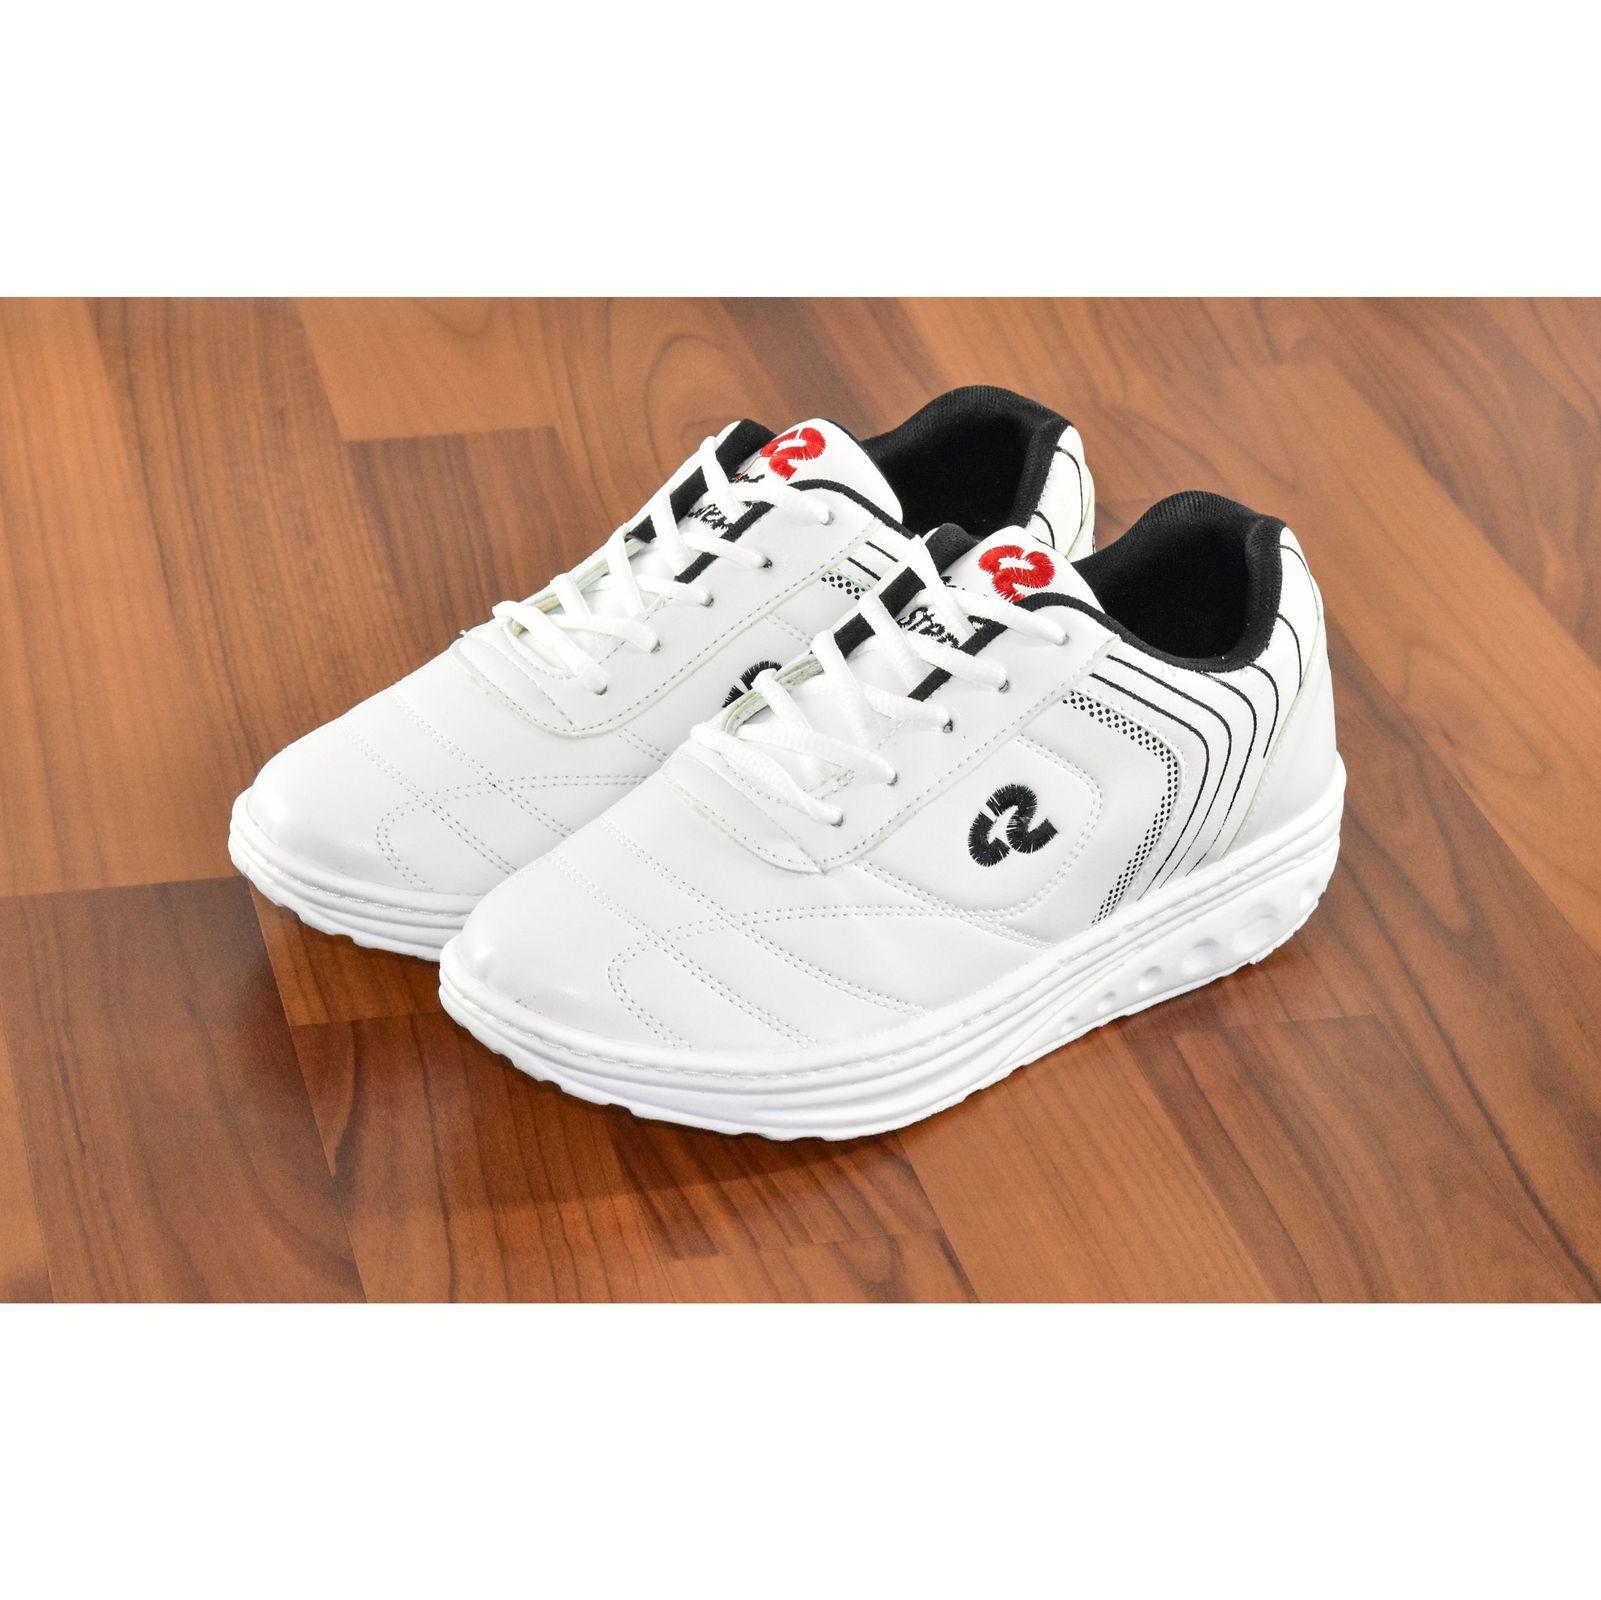 کفش مخصوص پیاده روی نه مدل سنا کد 4648